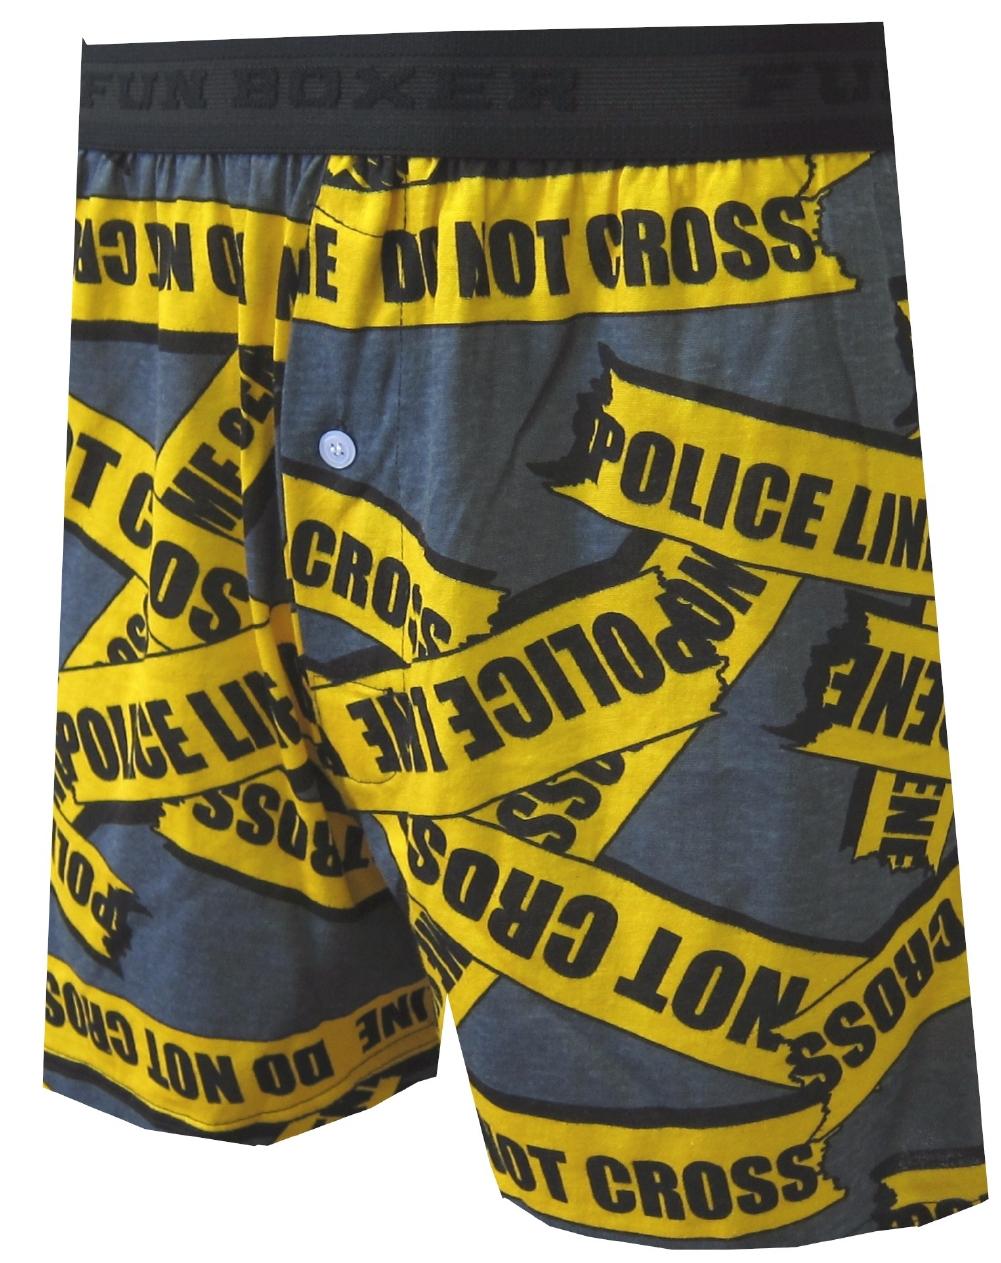 Police Line Do Not Cross Boxers for men